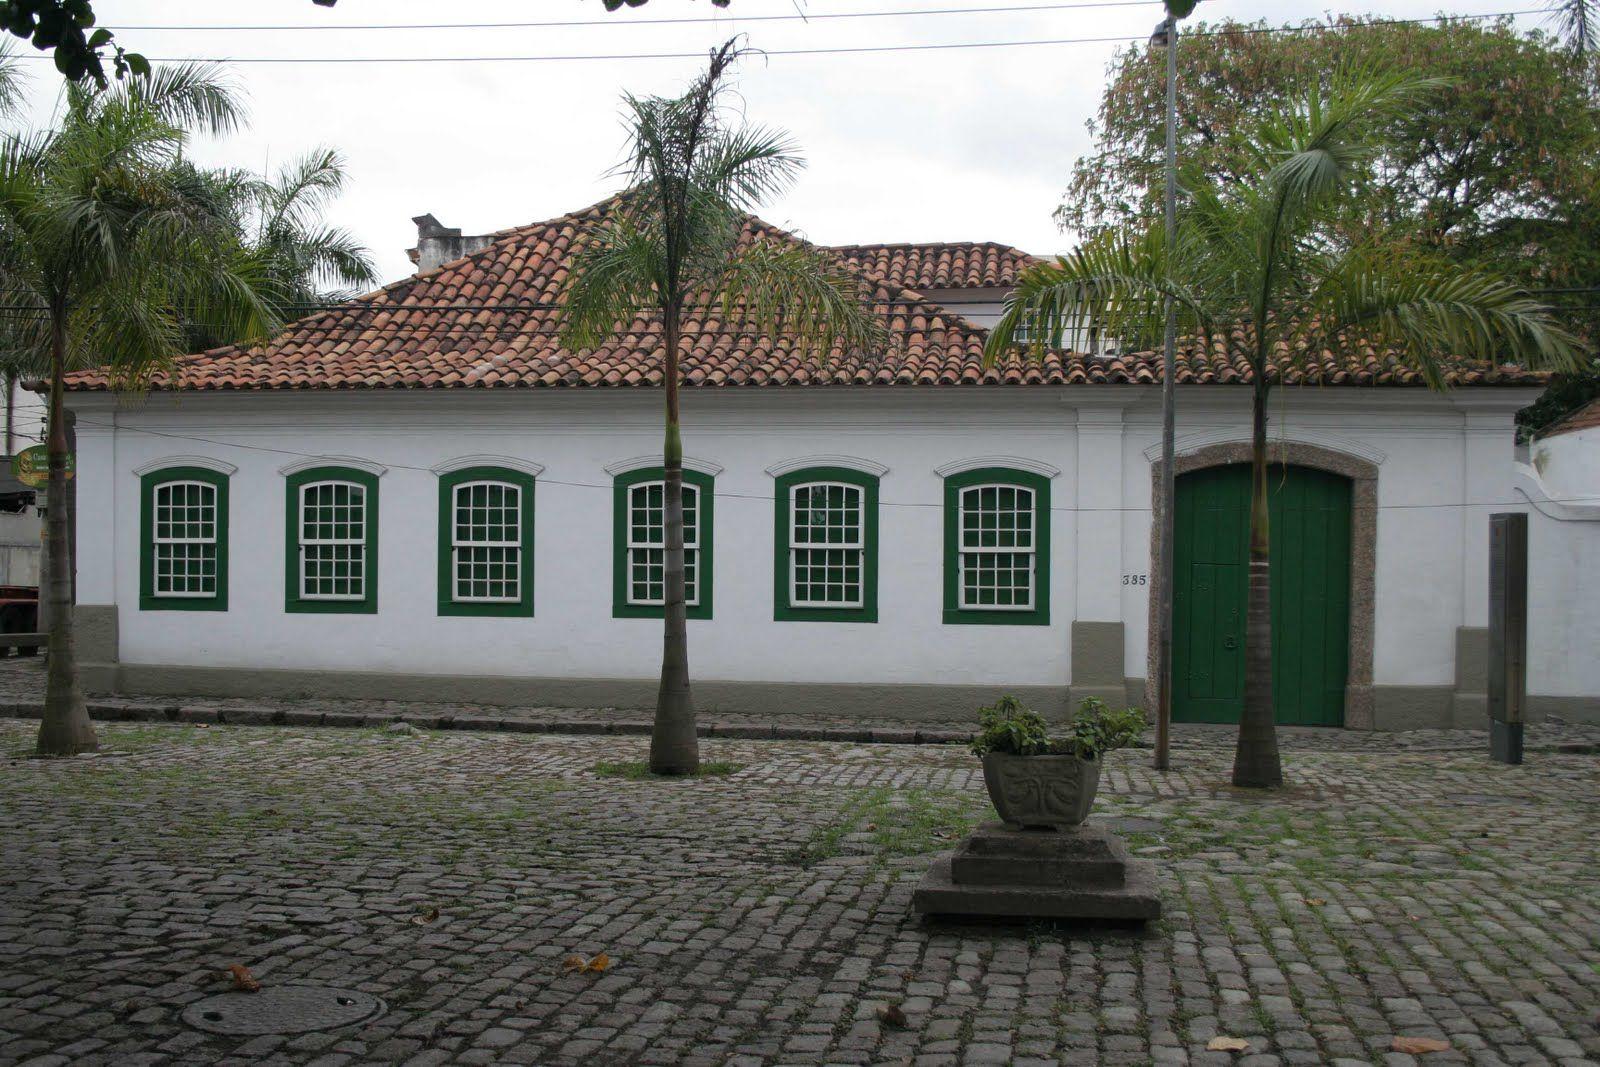 Casa de Banho de Dom João VI - Caju - Rio de Janeiro